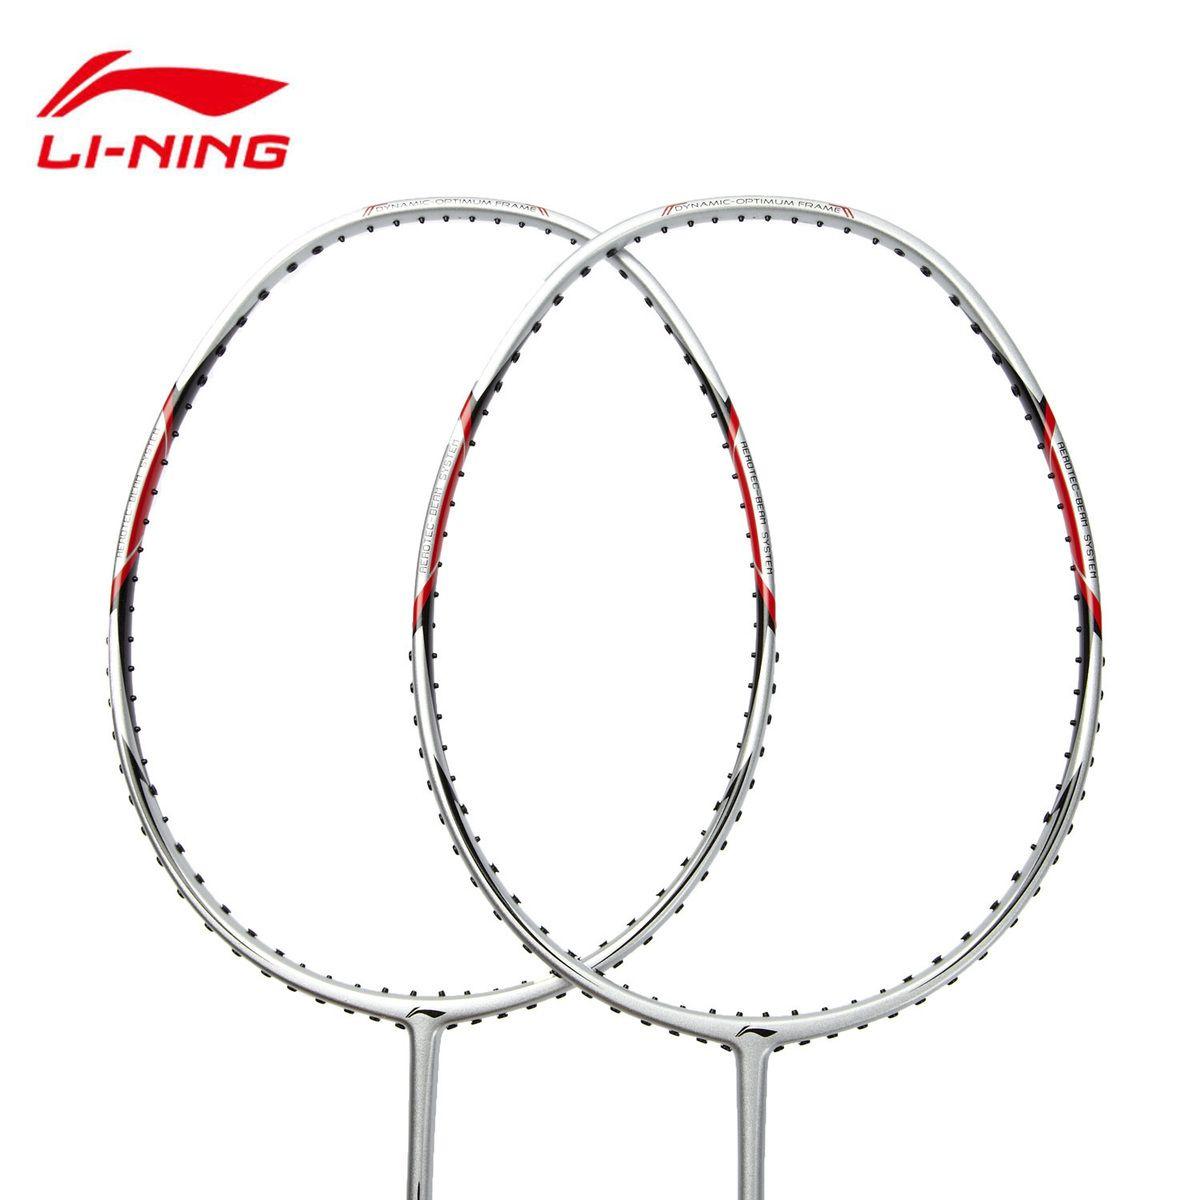 1 paar Futter Badminton Schläger Super Licht Volle Carbon Faser Ball Control Typ Li-Ning AYPG354 Mit Bespannen Service l784